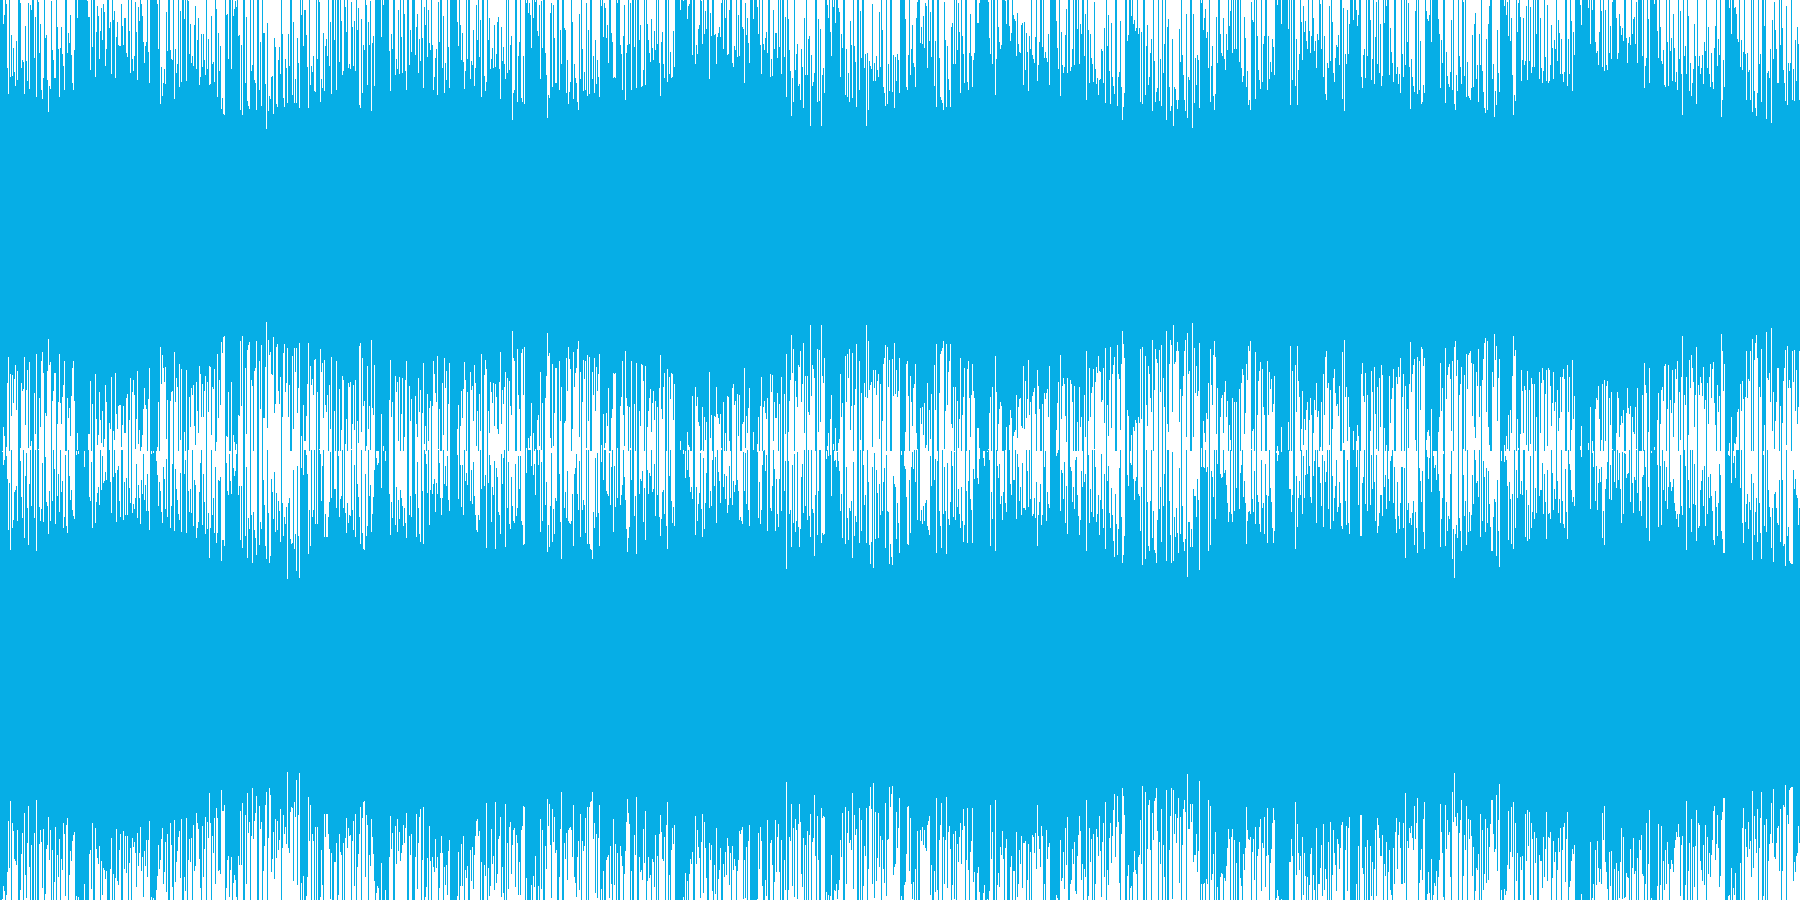 緊迫感のあるエレクトロなループの再生済みの波形